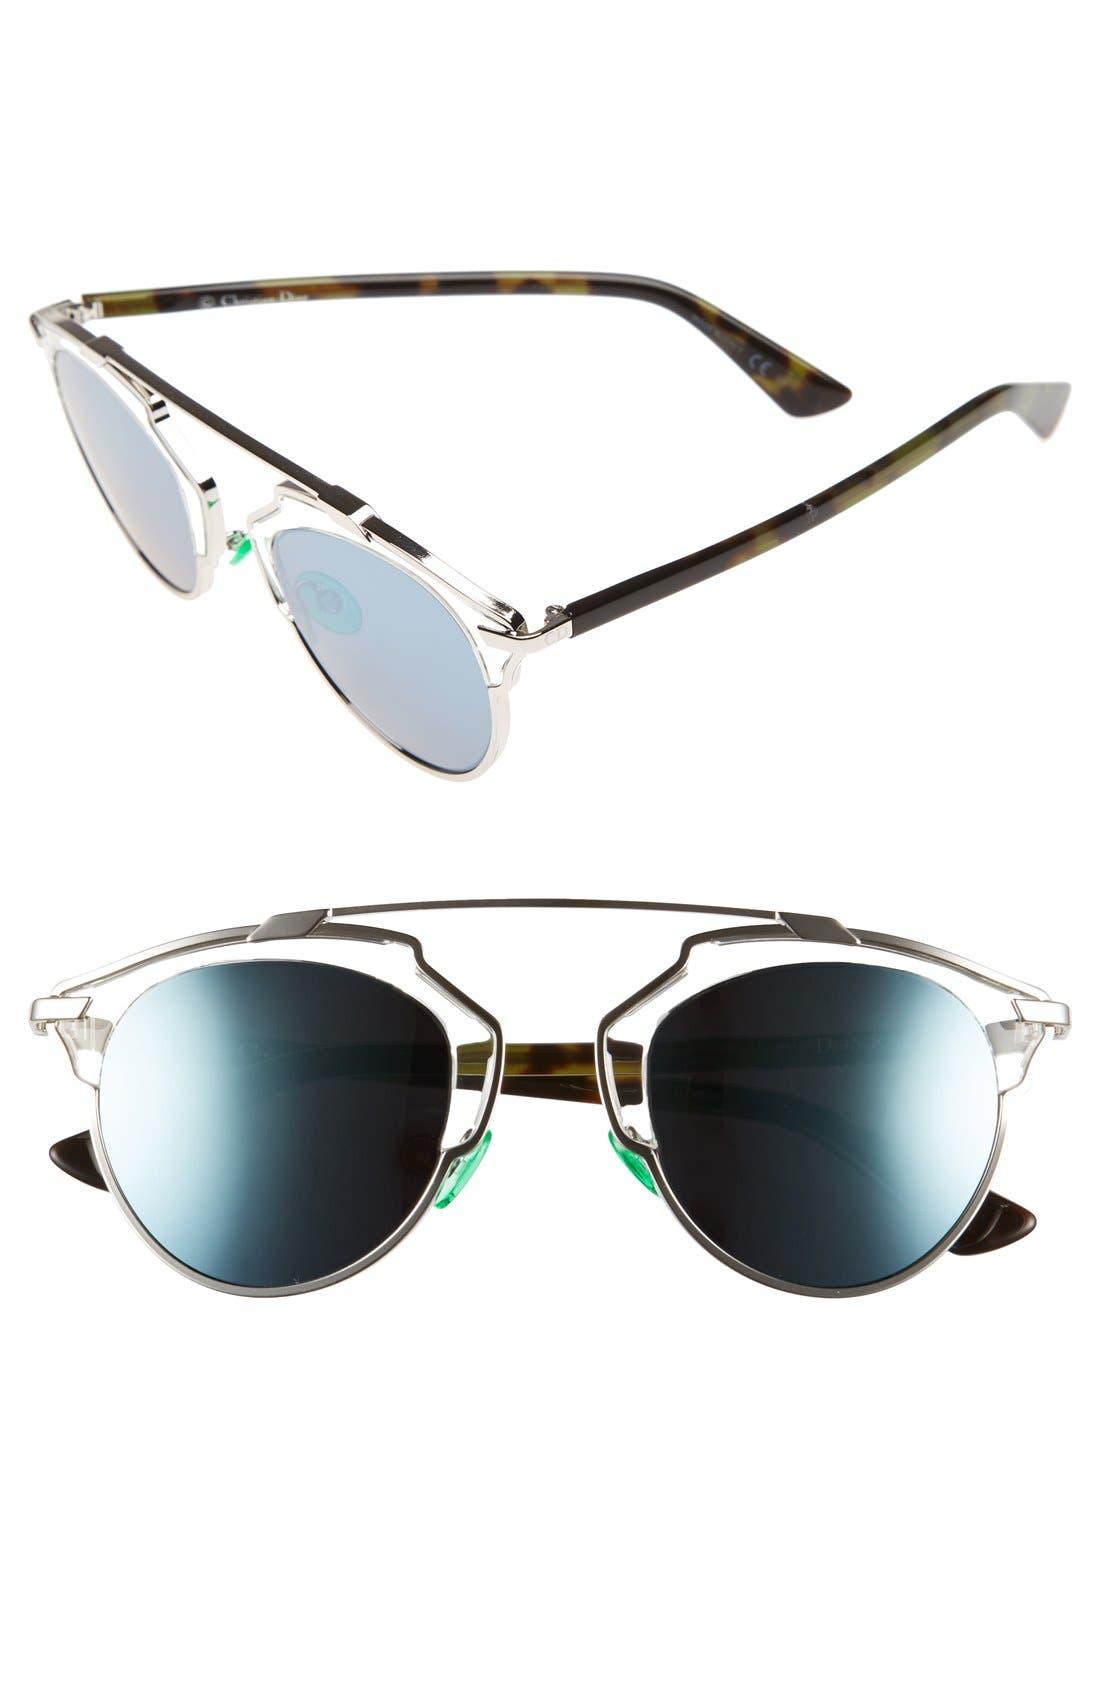 So Real 48mm Brow Bar Sunglasses,                             Main thumbnail 8, color,